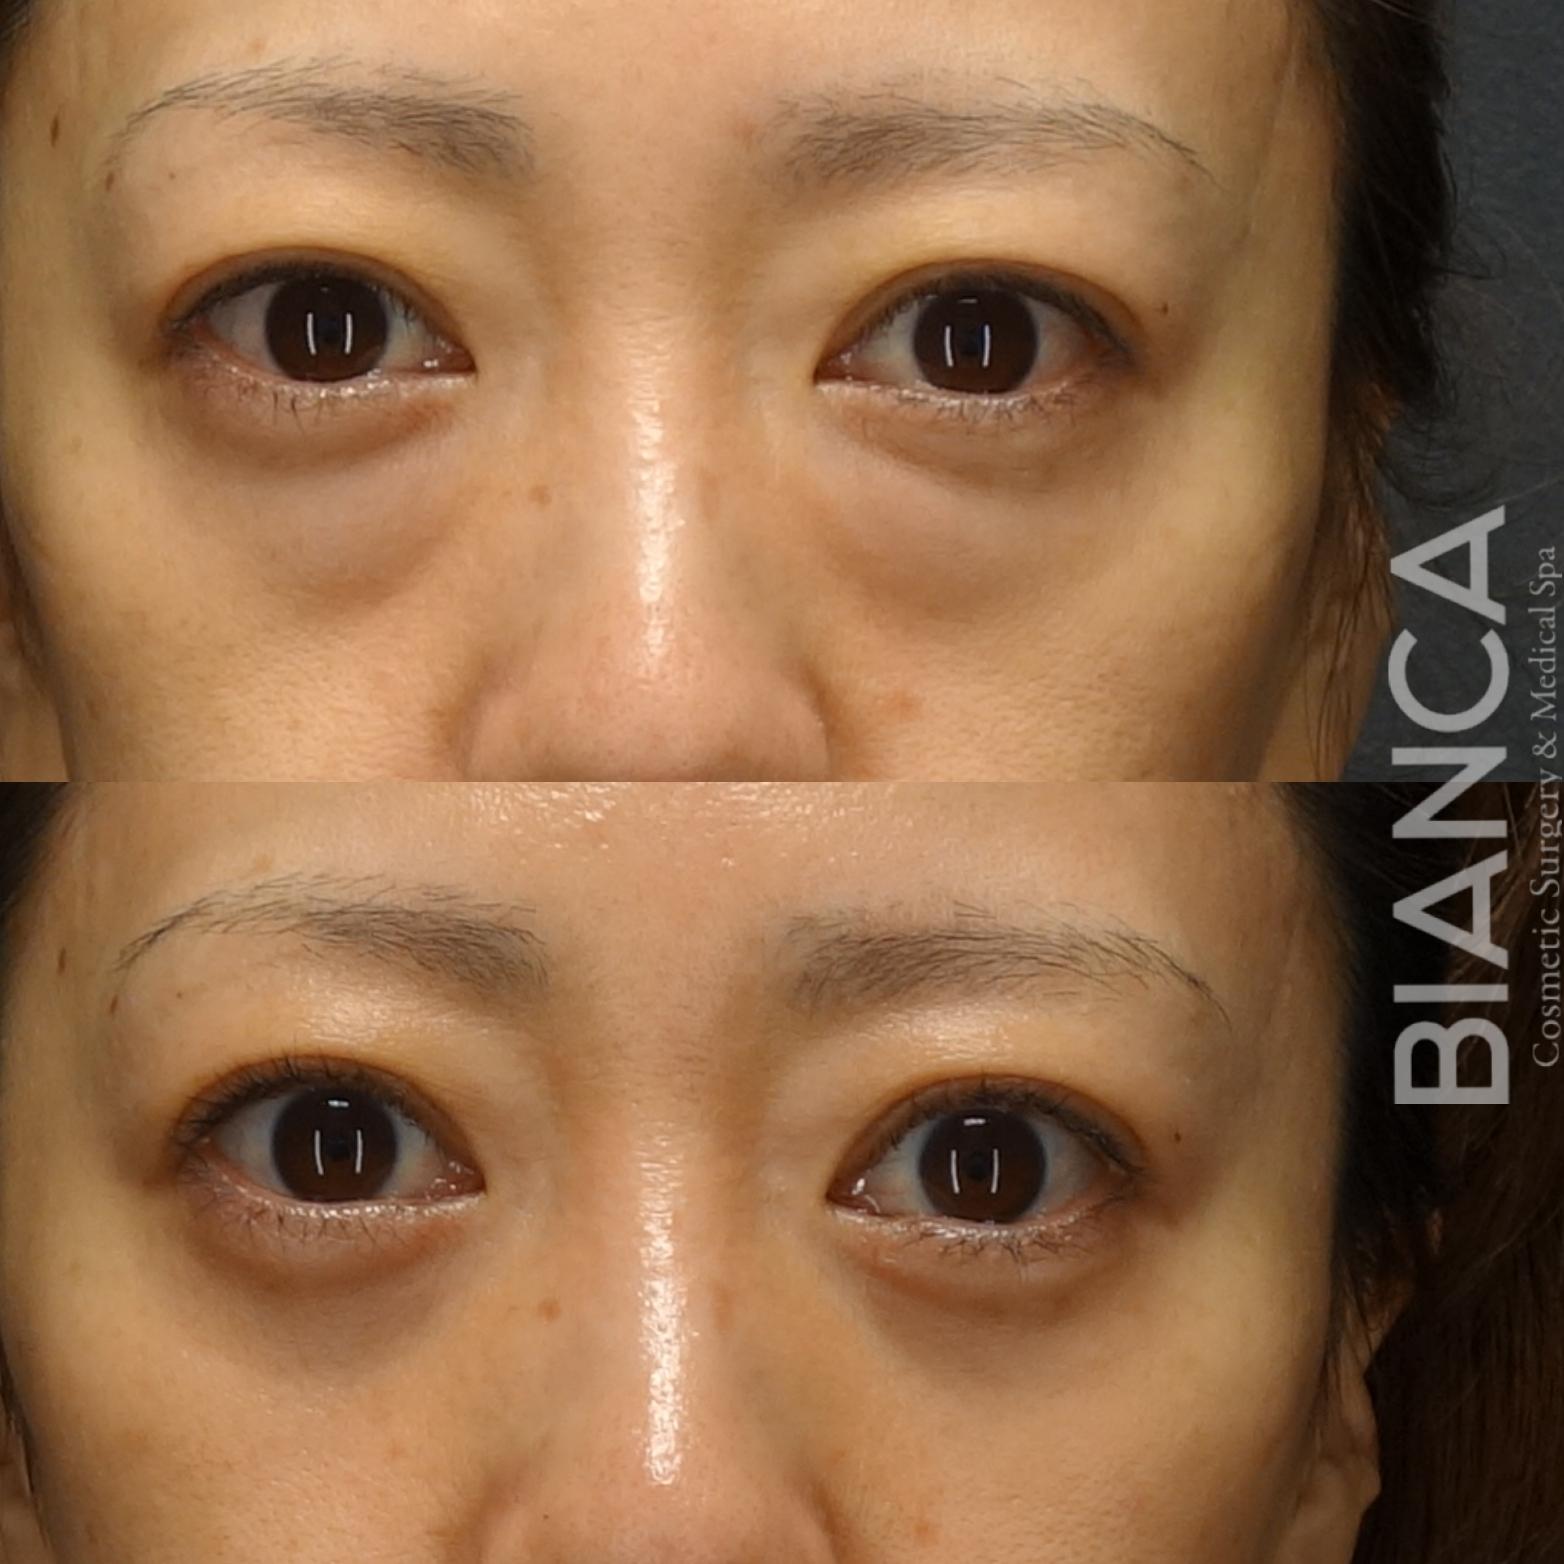 目の下の膨らみ、眼窩脂肪が原因かも☺️